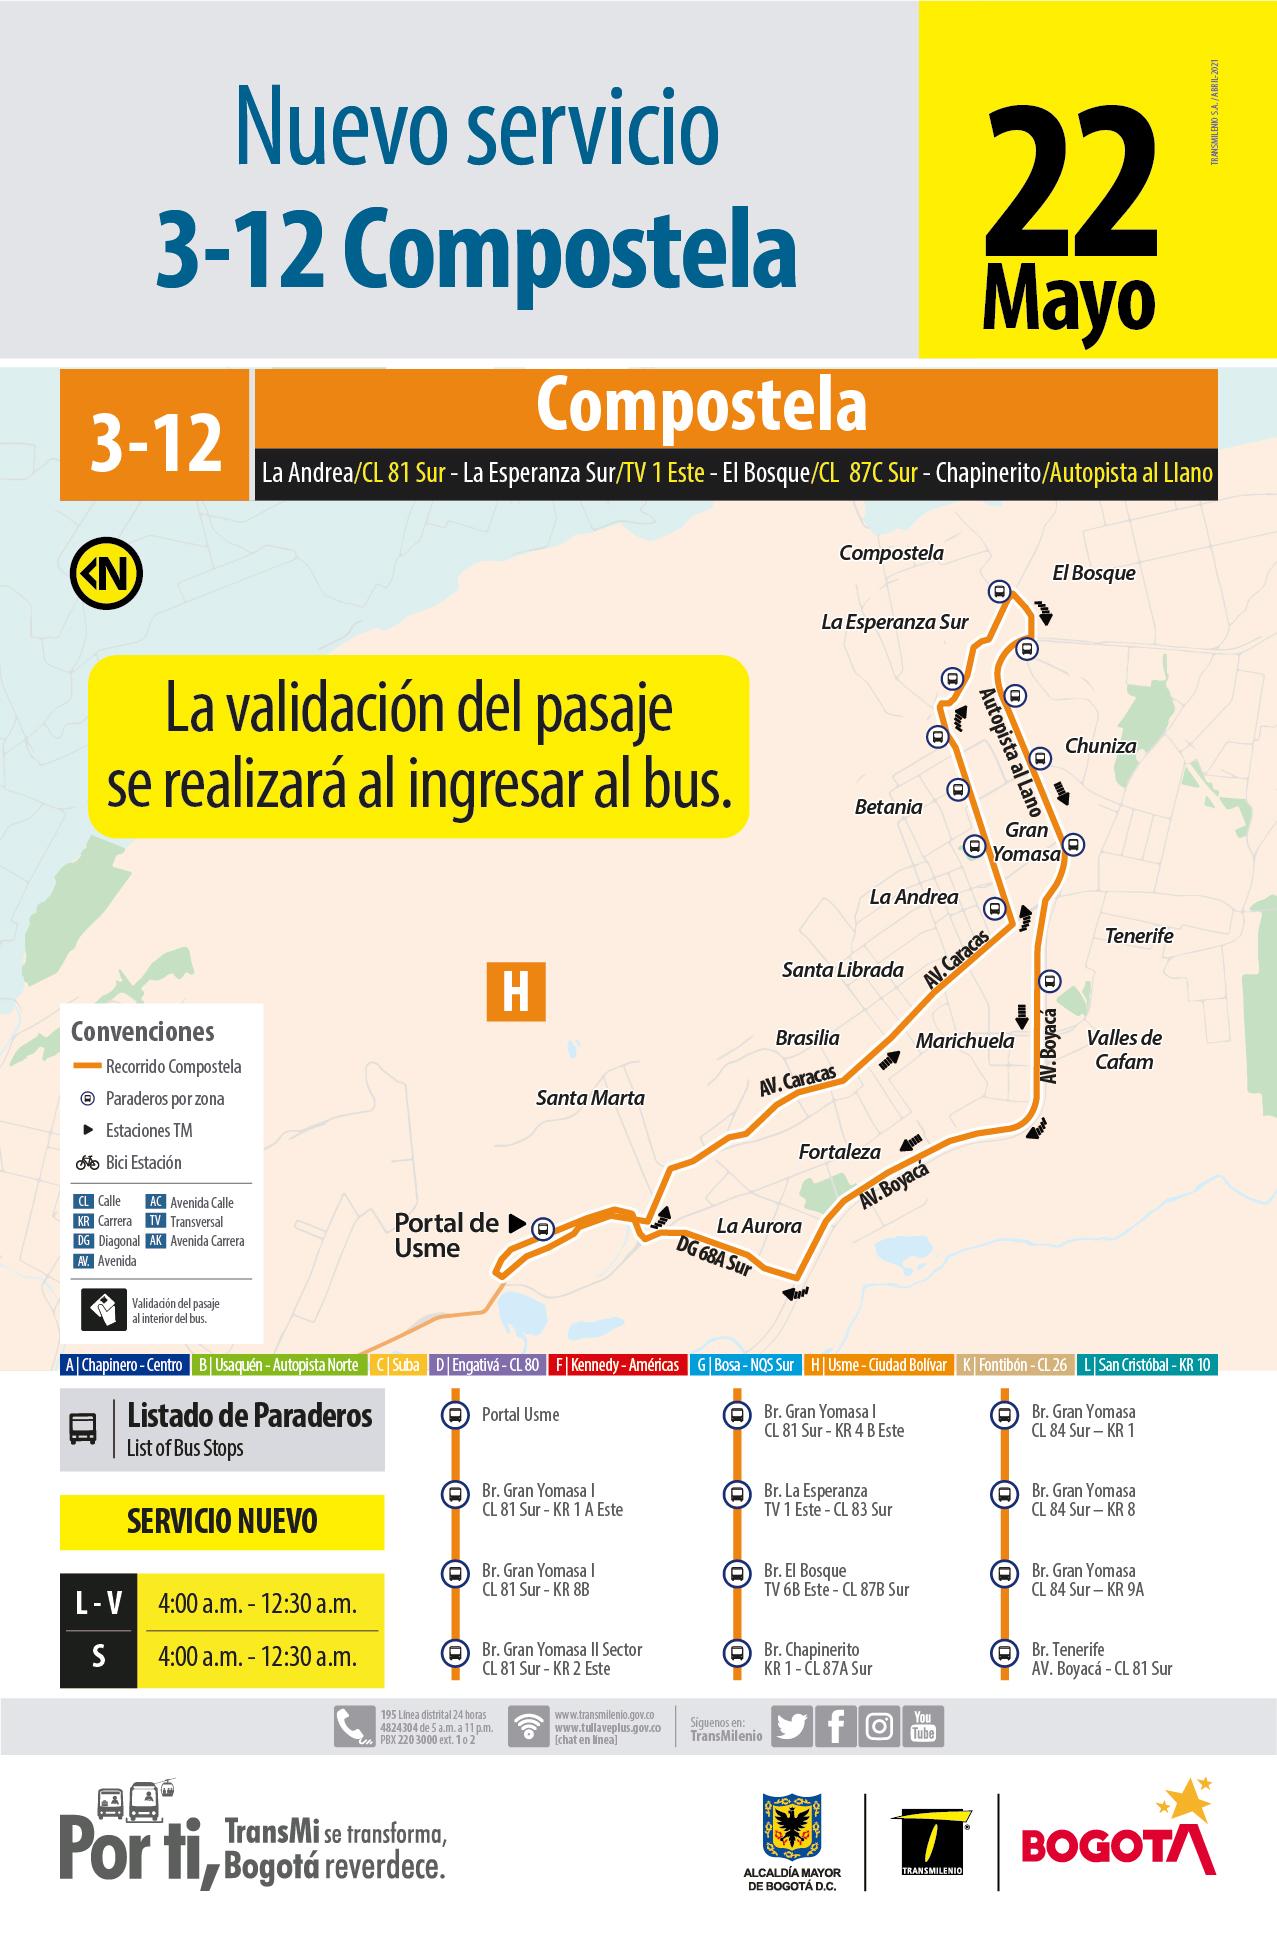 3-12 Compostela (Nuevo Servicio)